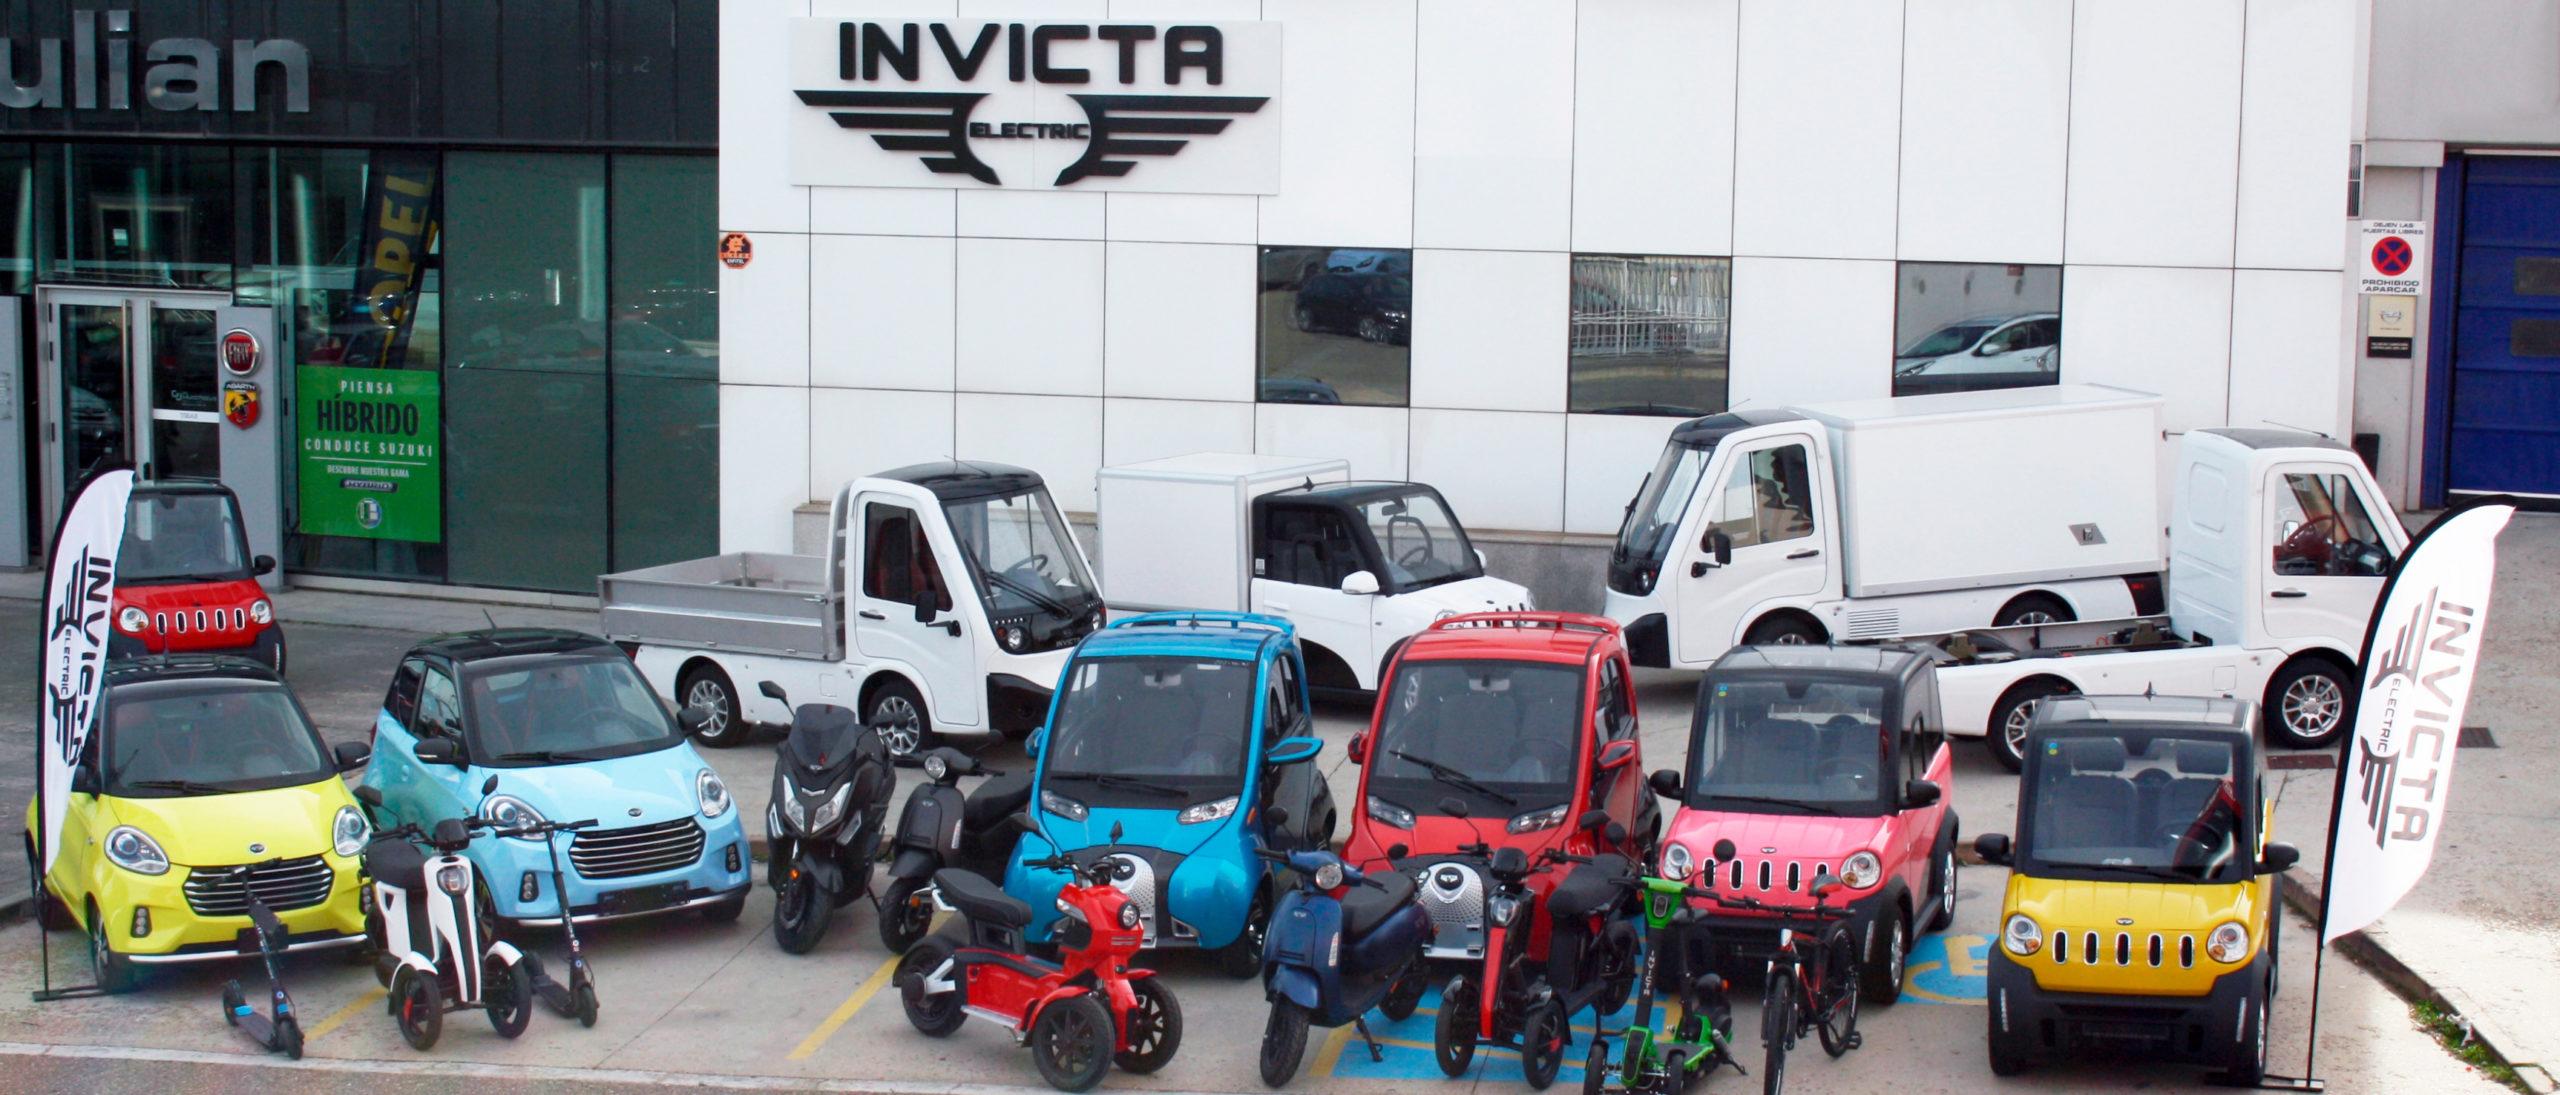 Invicta Electric la movilidad eléctrica Made in Spain